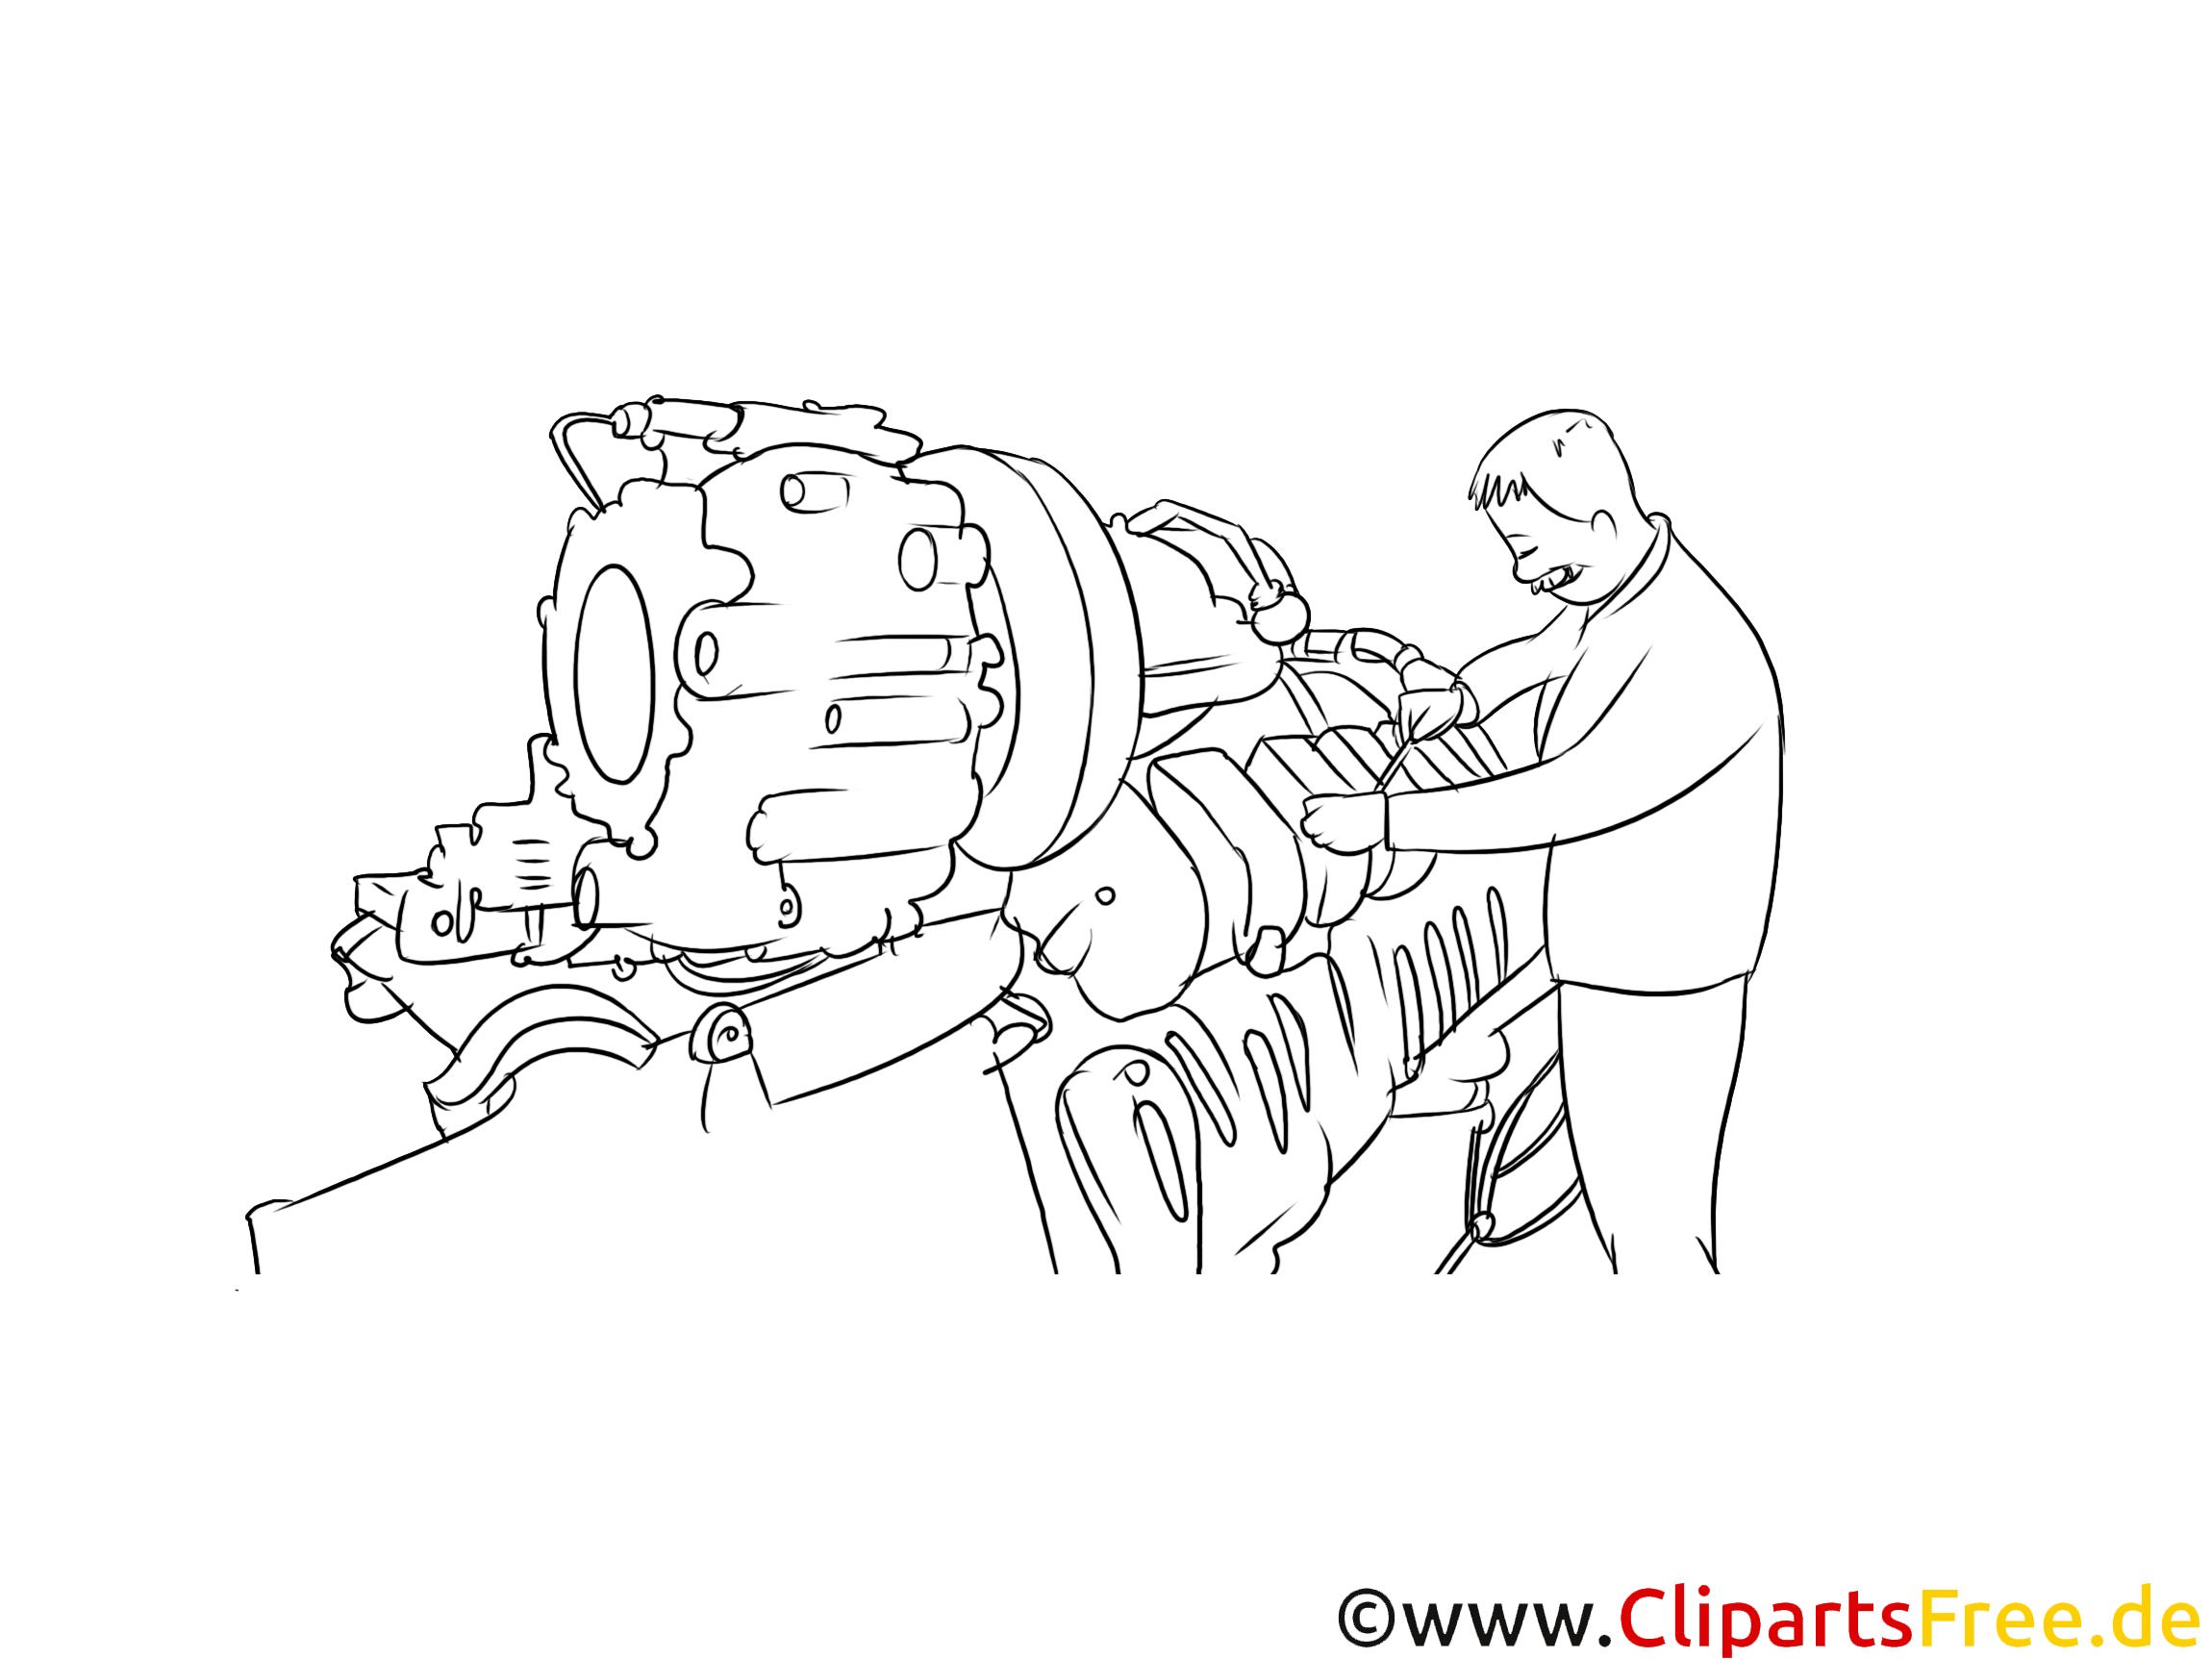 Industriemechaniker Clipart, Grafik, Bild schwarz-weiß